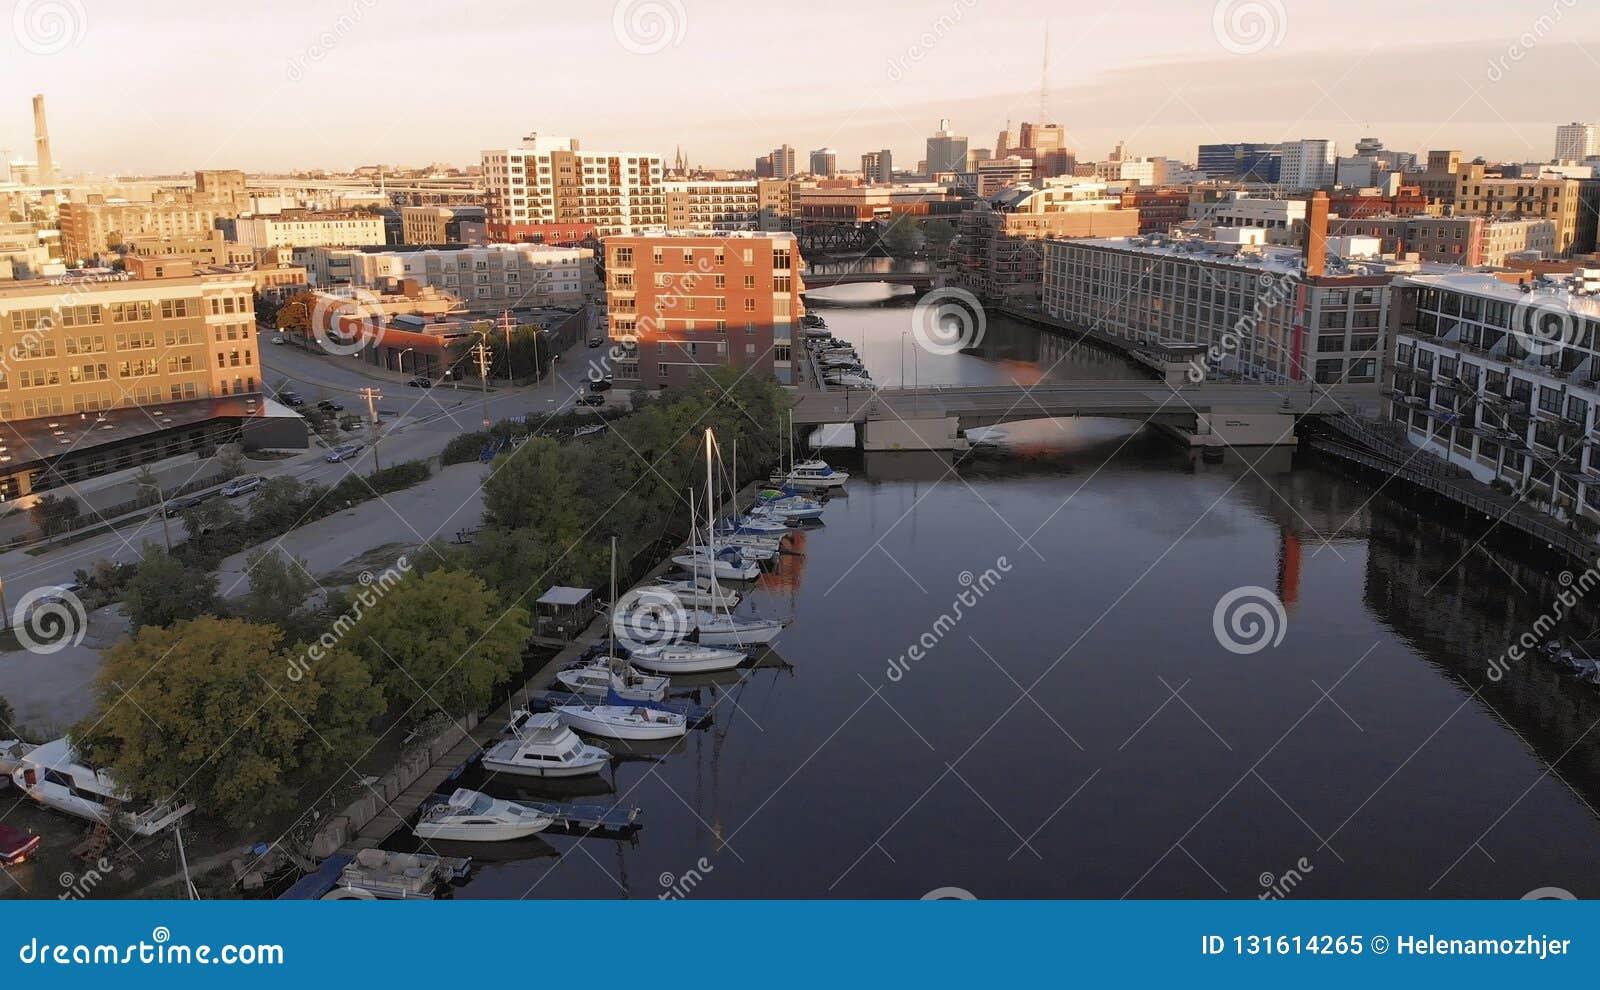 密尔沃基河在街市,密尔沃基,威斯康辛,美国港口区  不动产,公寓房在街市 鸟瞰图